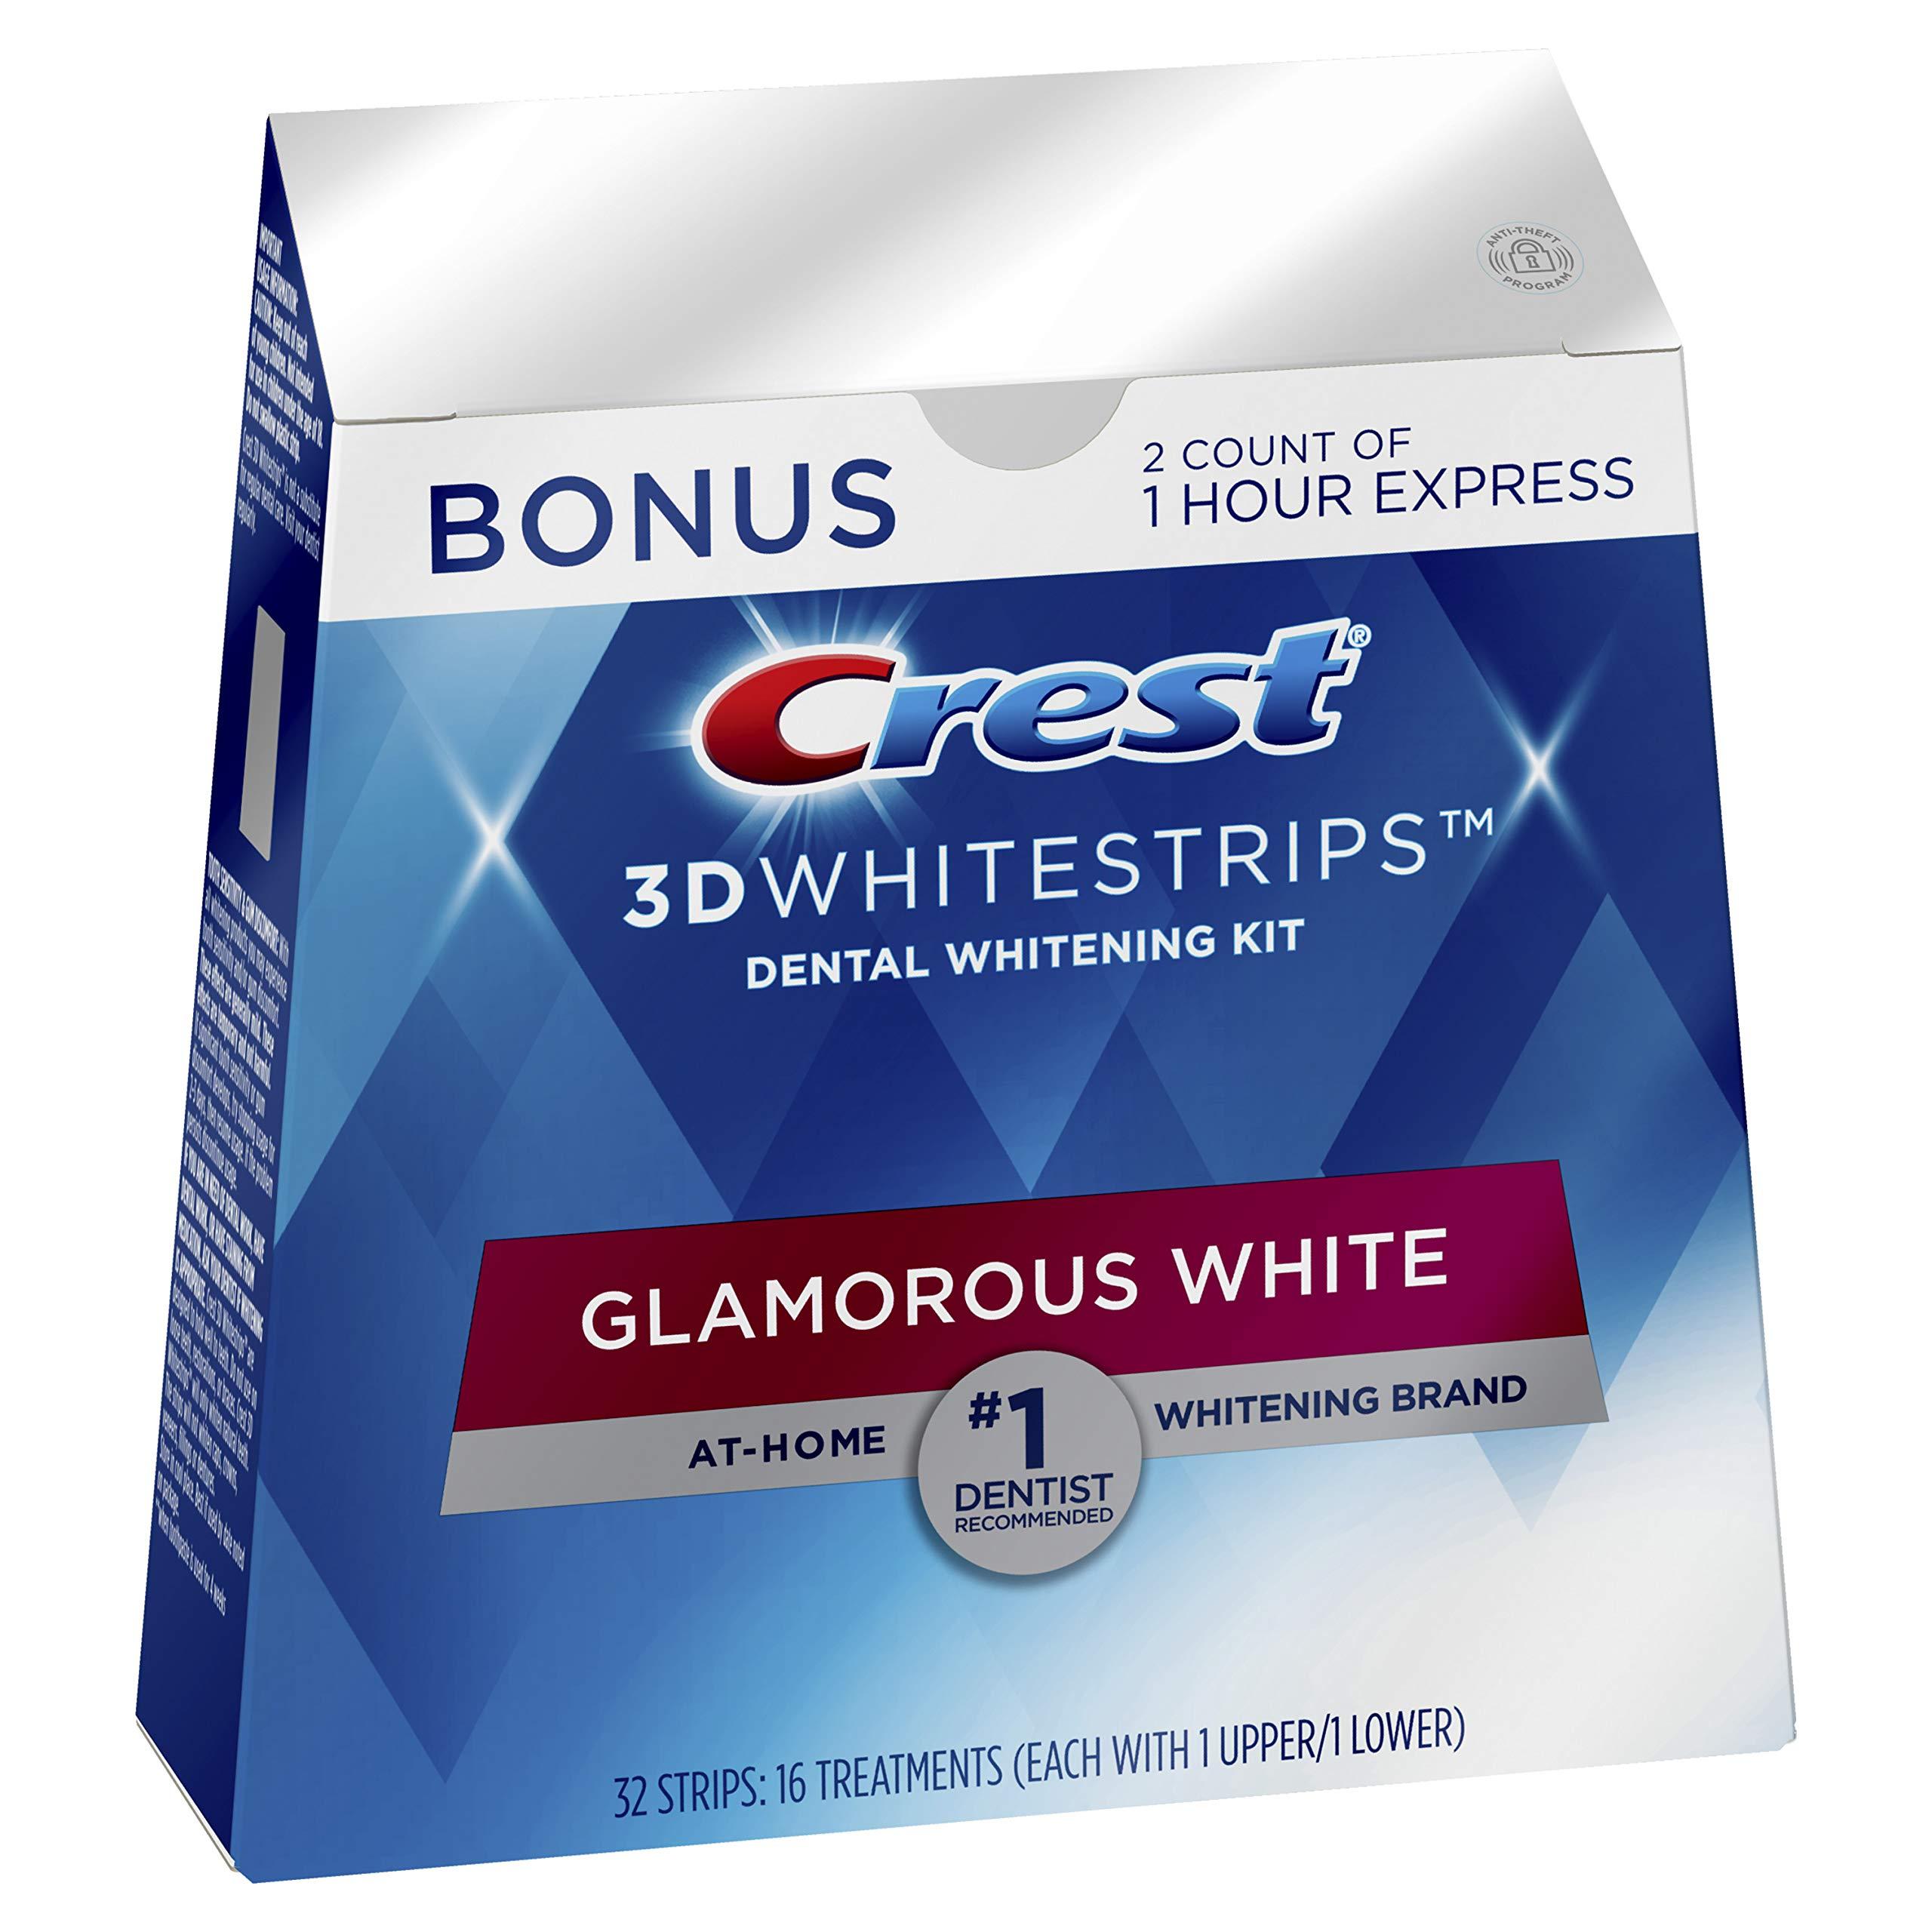 Crest 3D Whitestrips Glamorous White, Kit de blanchiment des dents